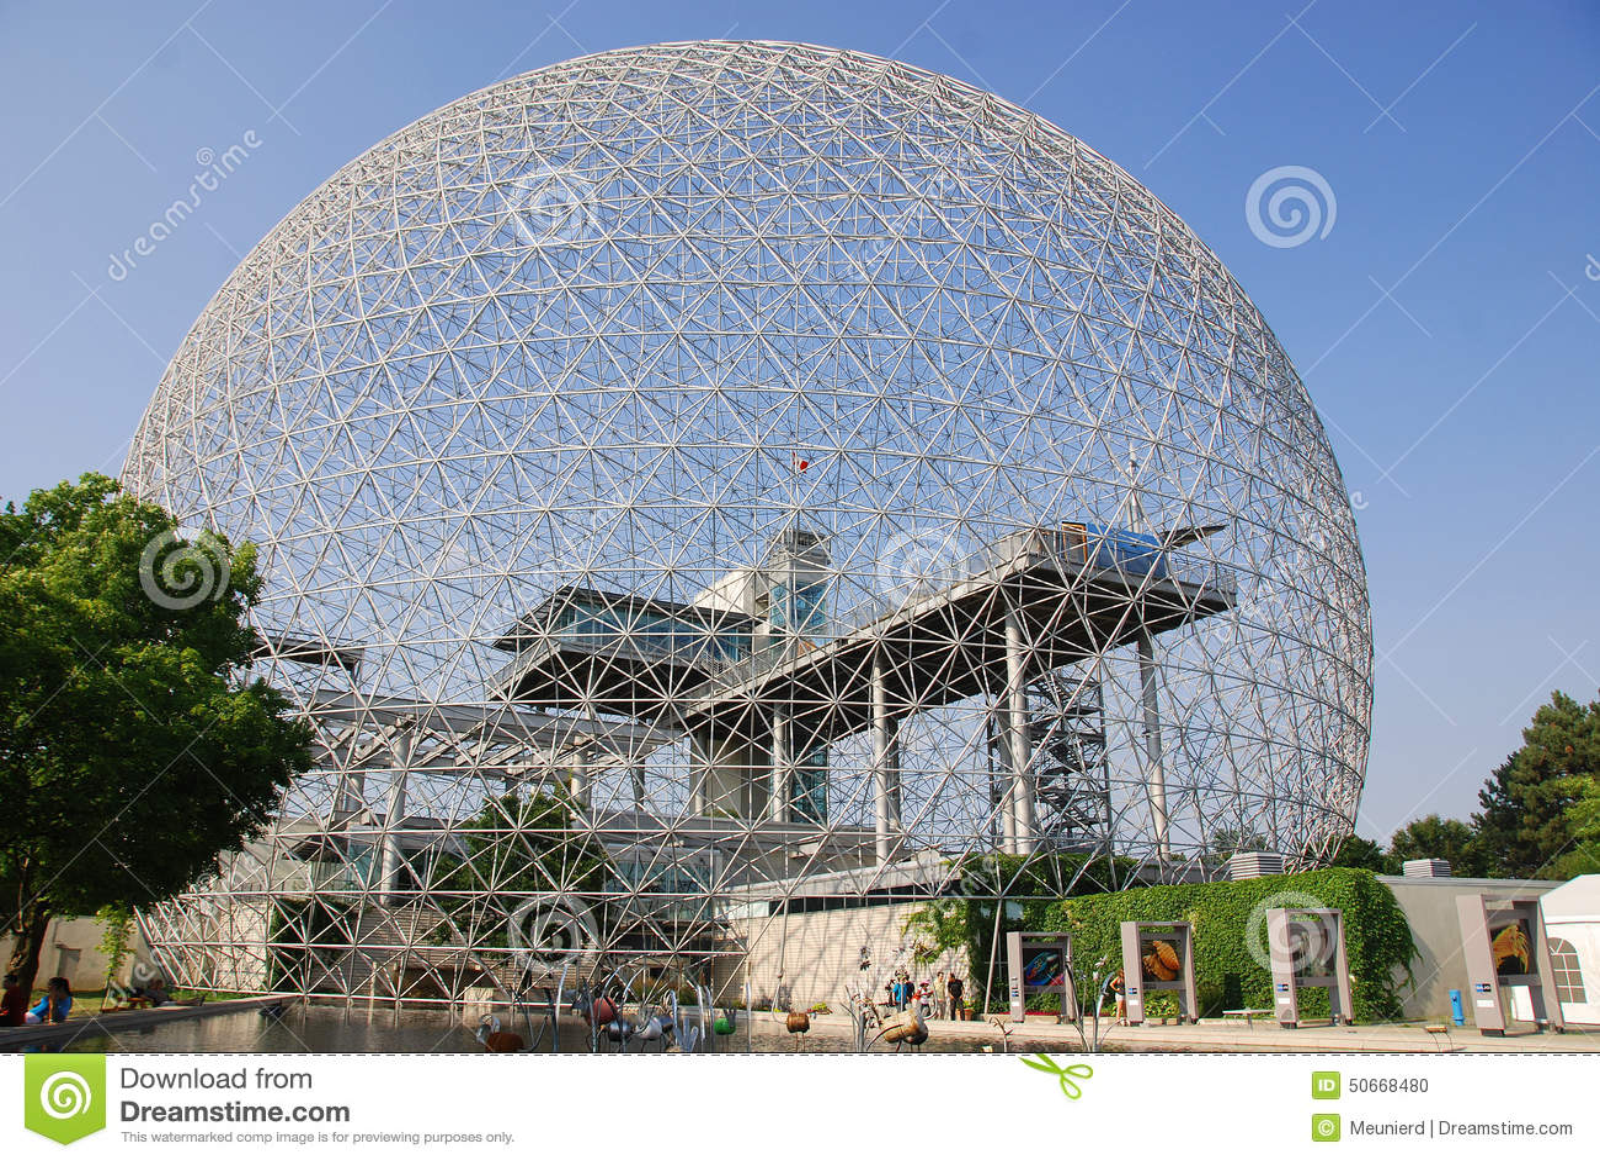 Geodätischen Kuppel die geodätische kuppel redaktionelles bild bild biosphäre